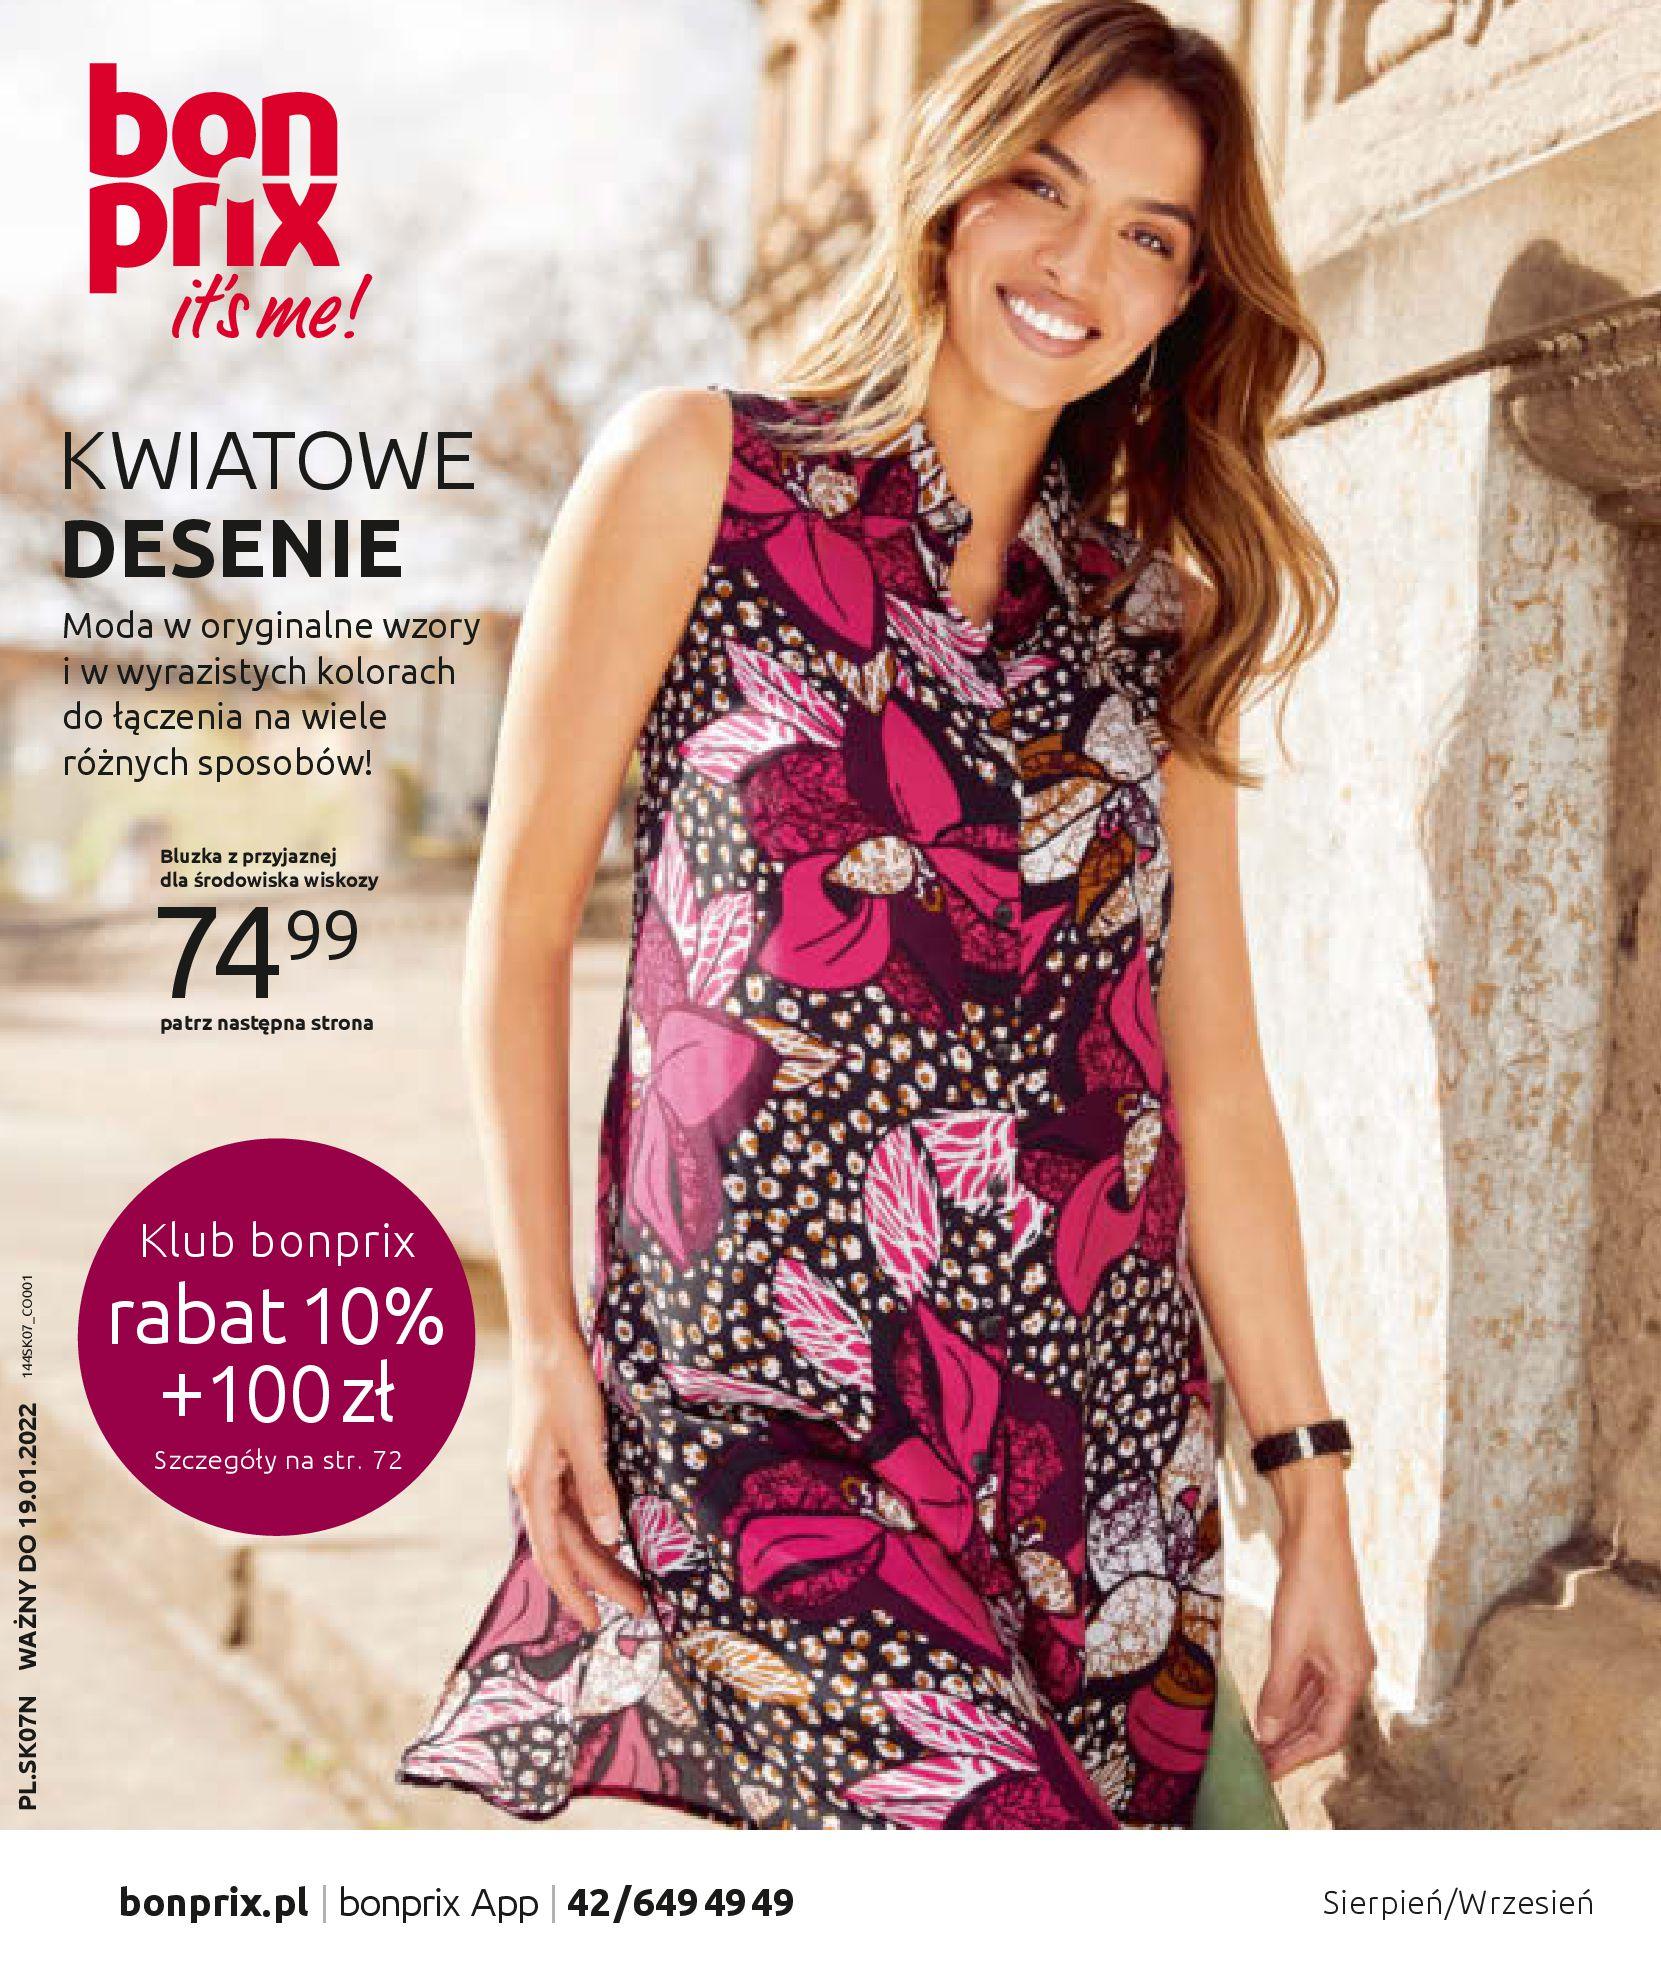 Gazetka Bonprix: Katalog Bonprix - Kwiatowe desenie 2021-09-09 page-1